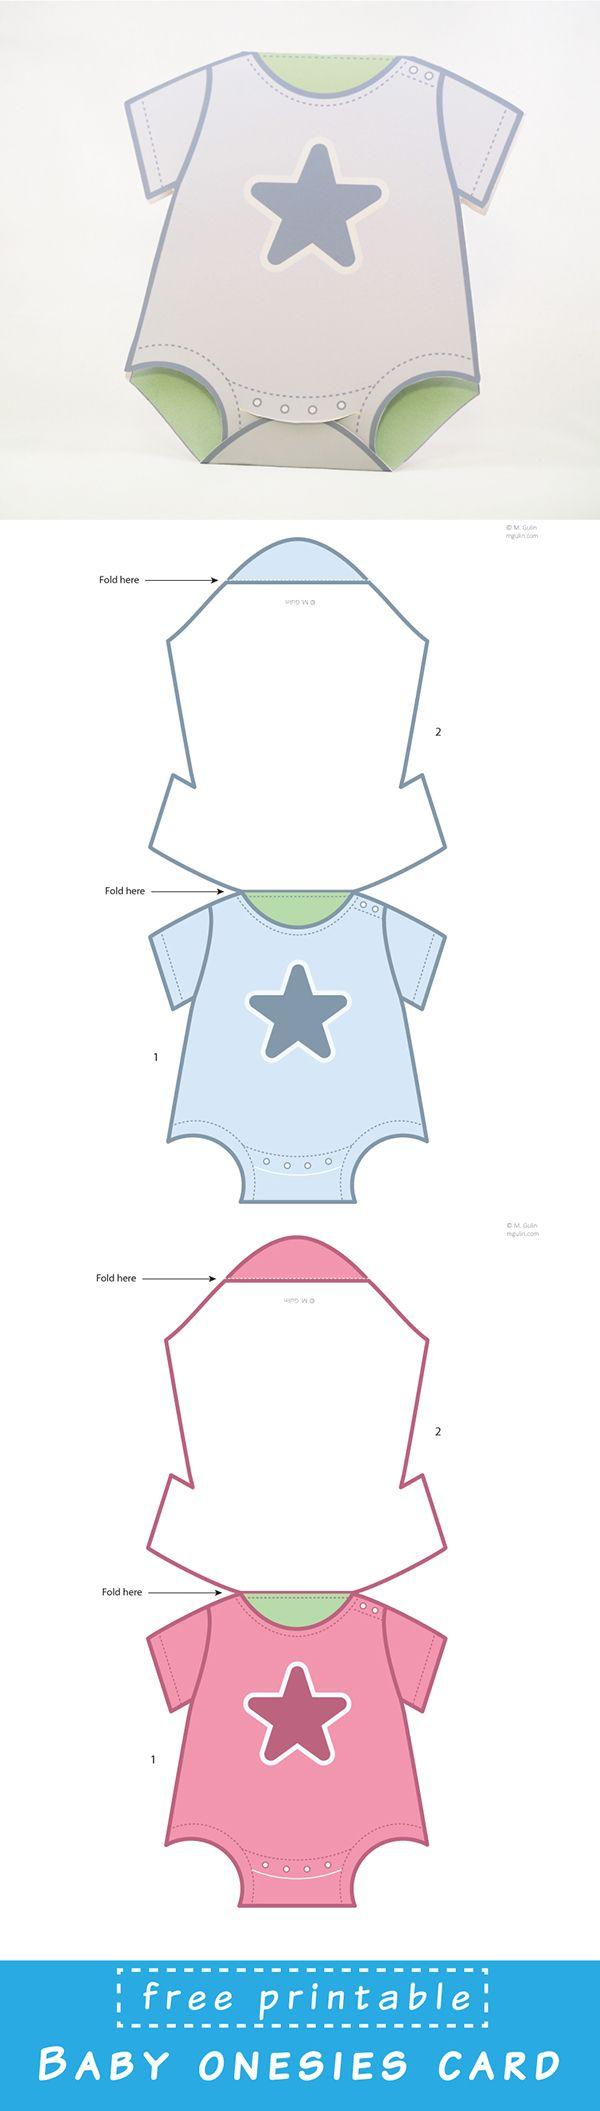 Baby onesies prinatble card